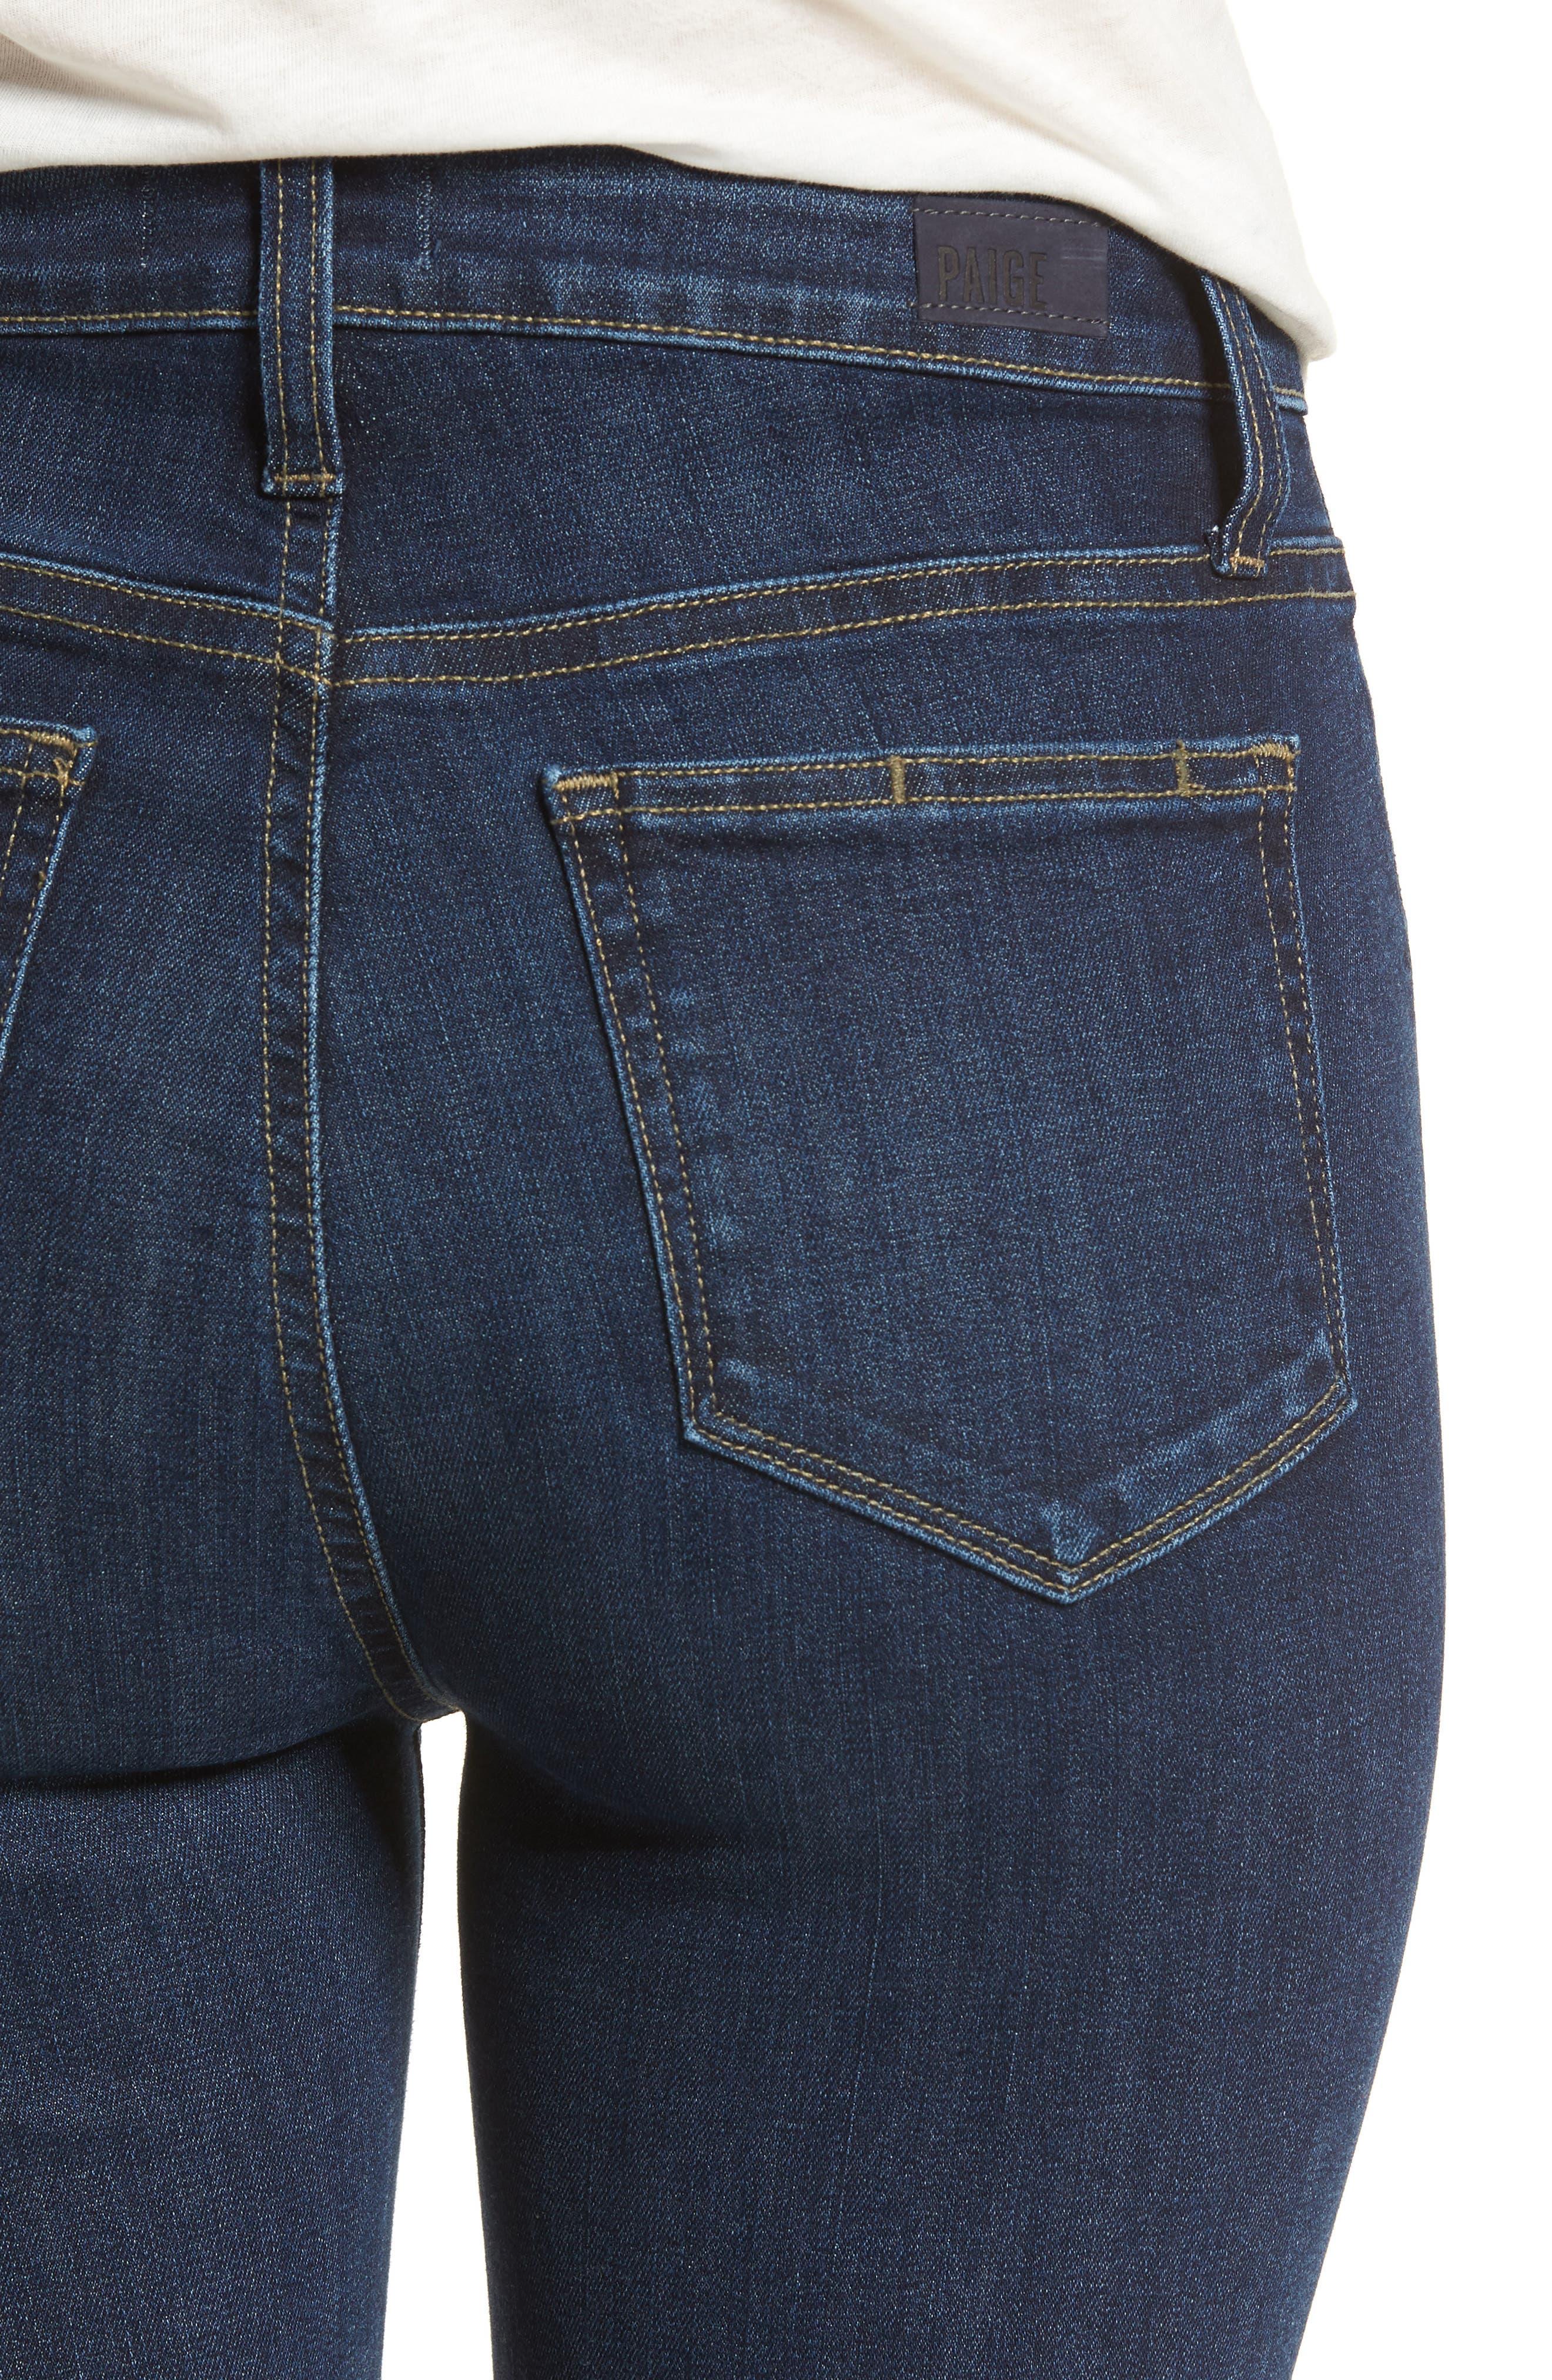 Margot High Waist Ankle Straight Leg Jeans,                             Alternate thumbnail 4, color,